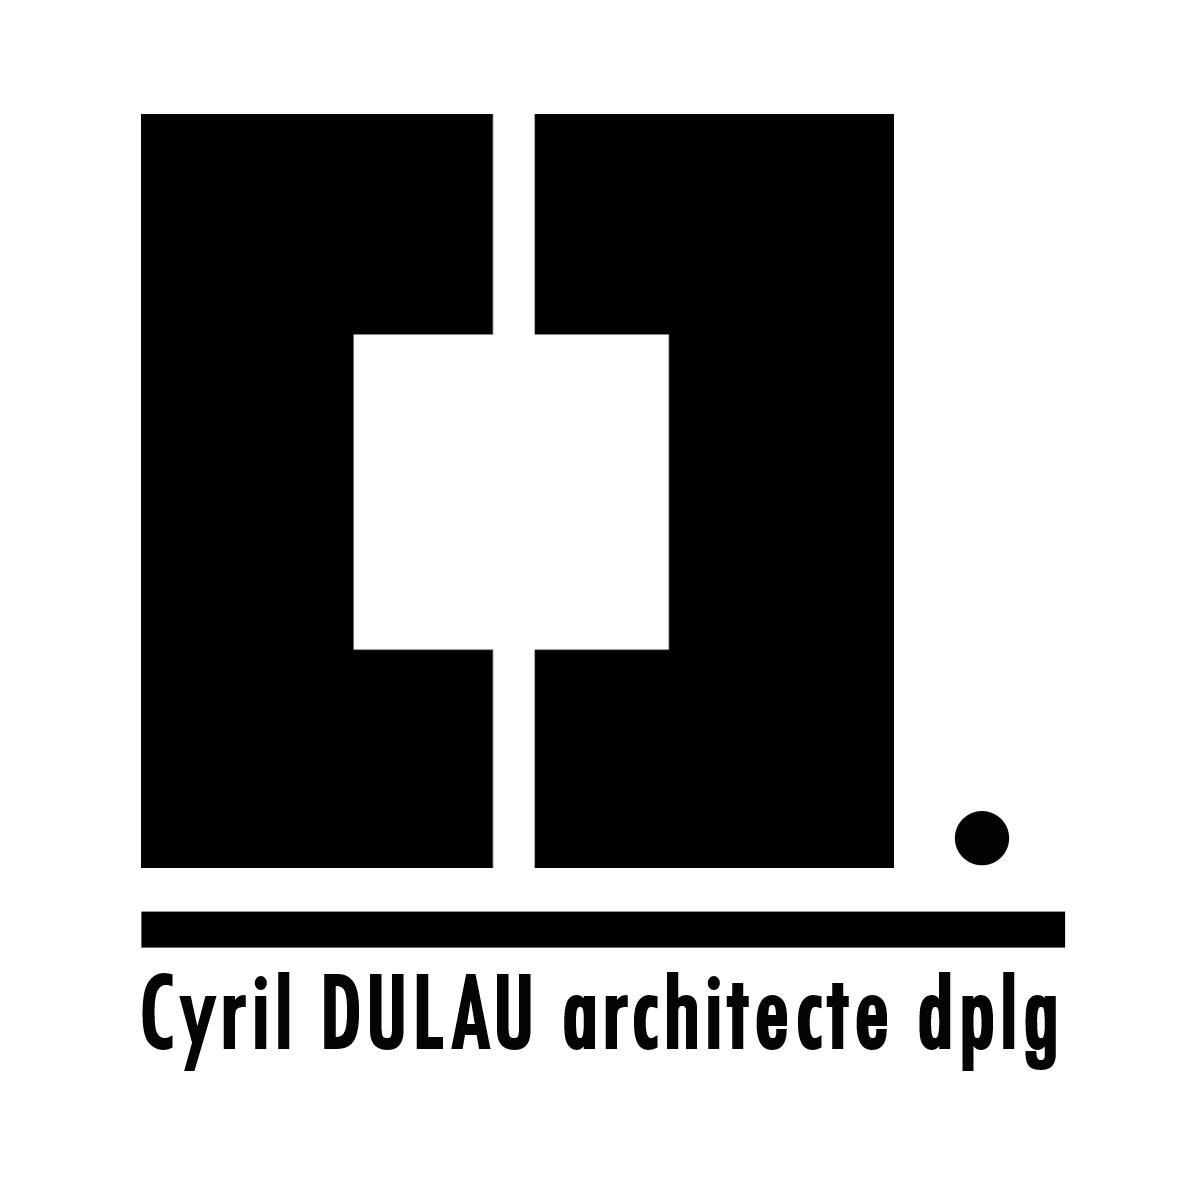 Cyril dulau architecte dplg ordre des architectes for Definition architecte dplg